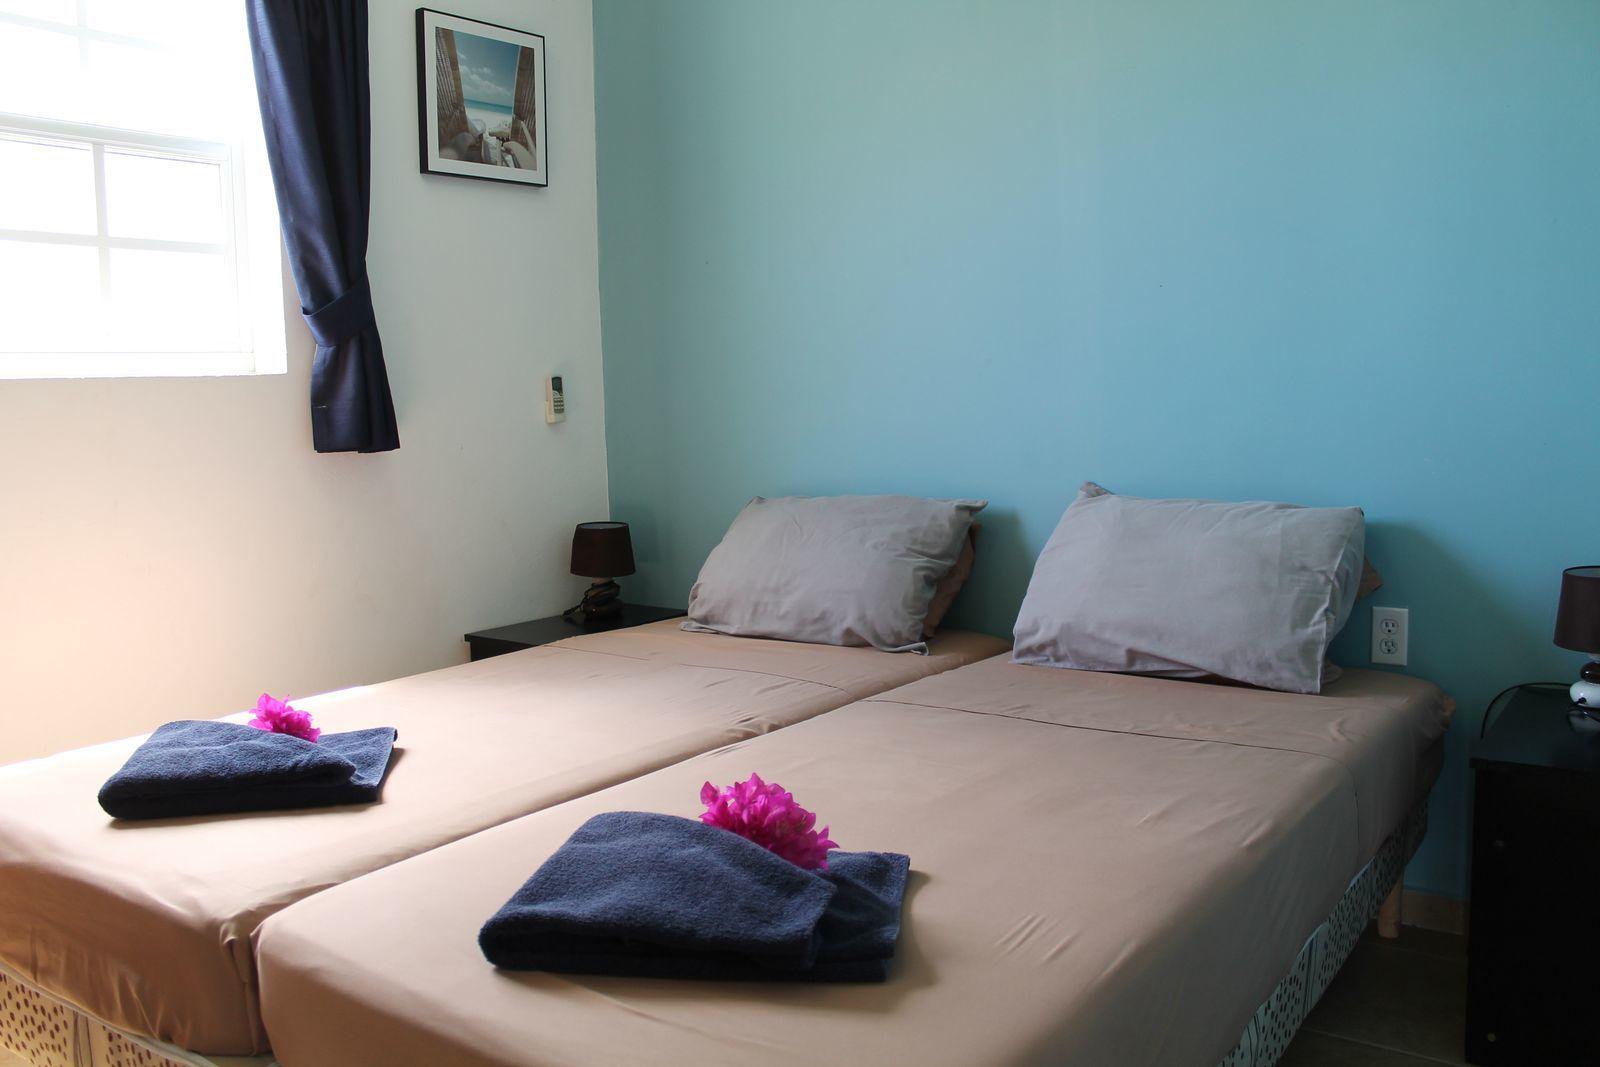 4 Slaapkamer Appartement - Aan Zee - 1e Verdieping